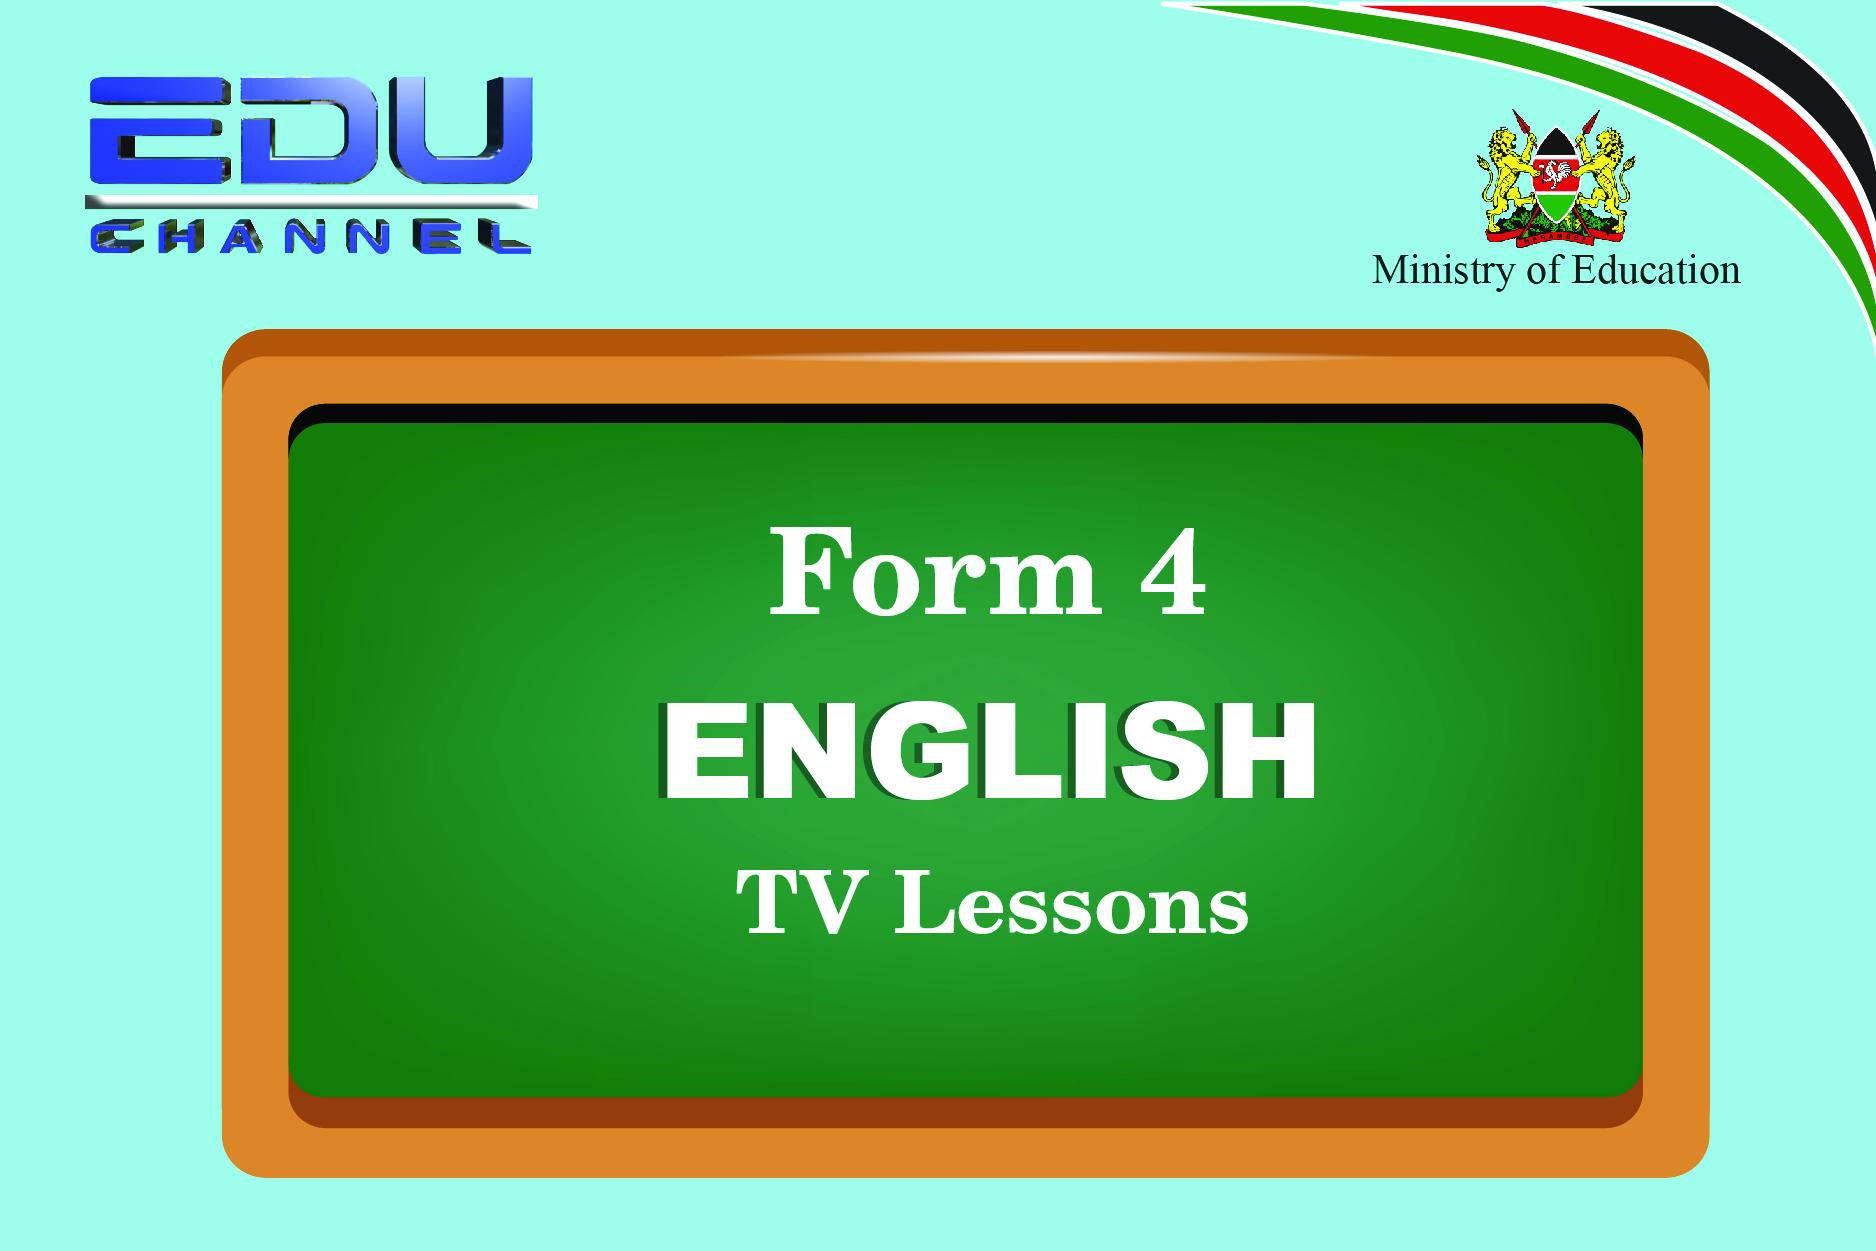 Form 4 English  Lesson 9: Oral Literature - Proverbs